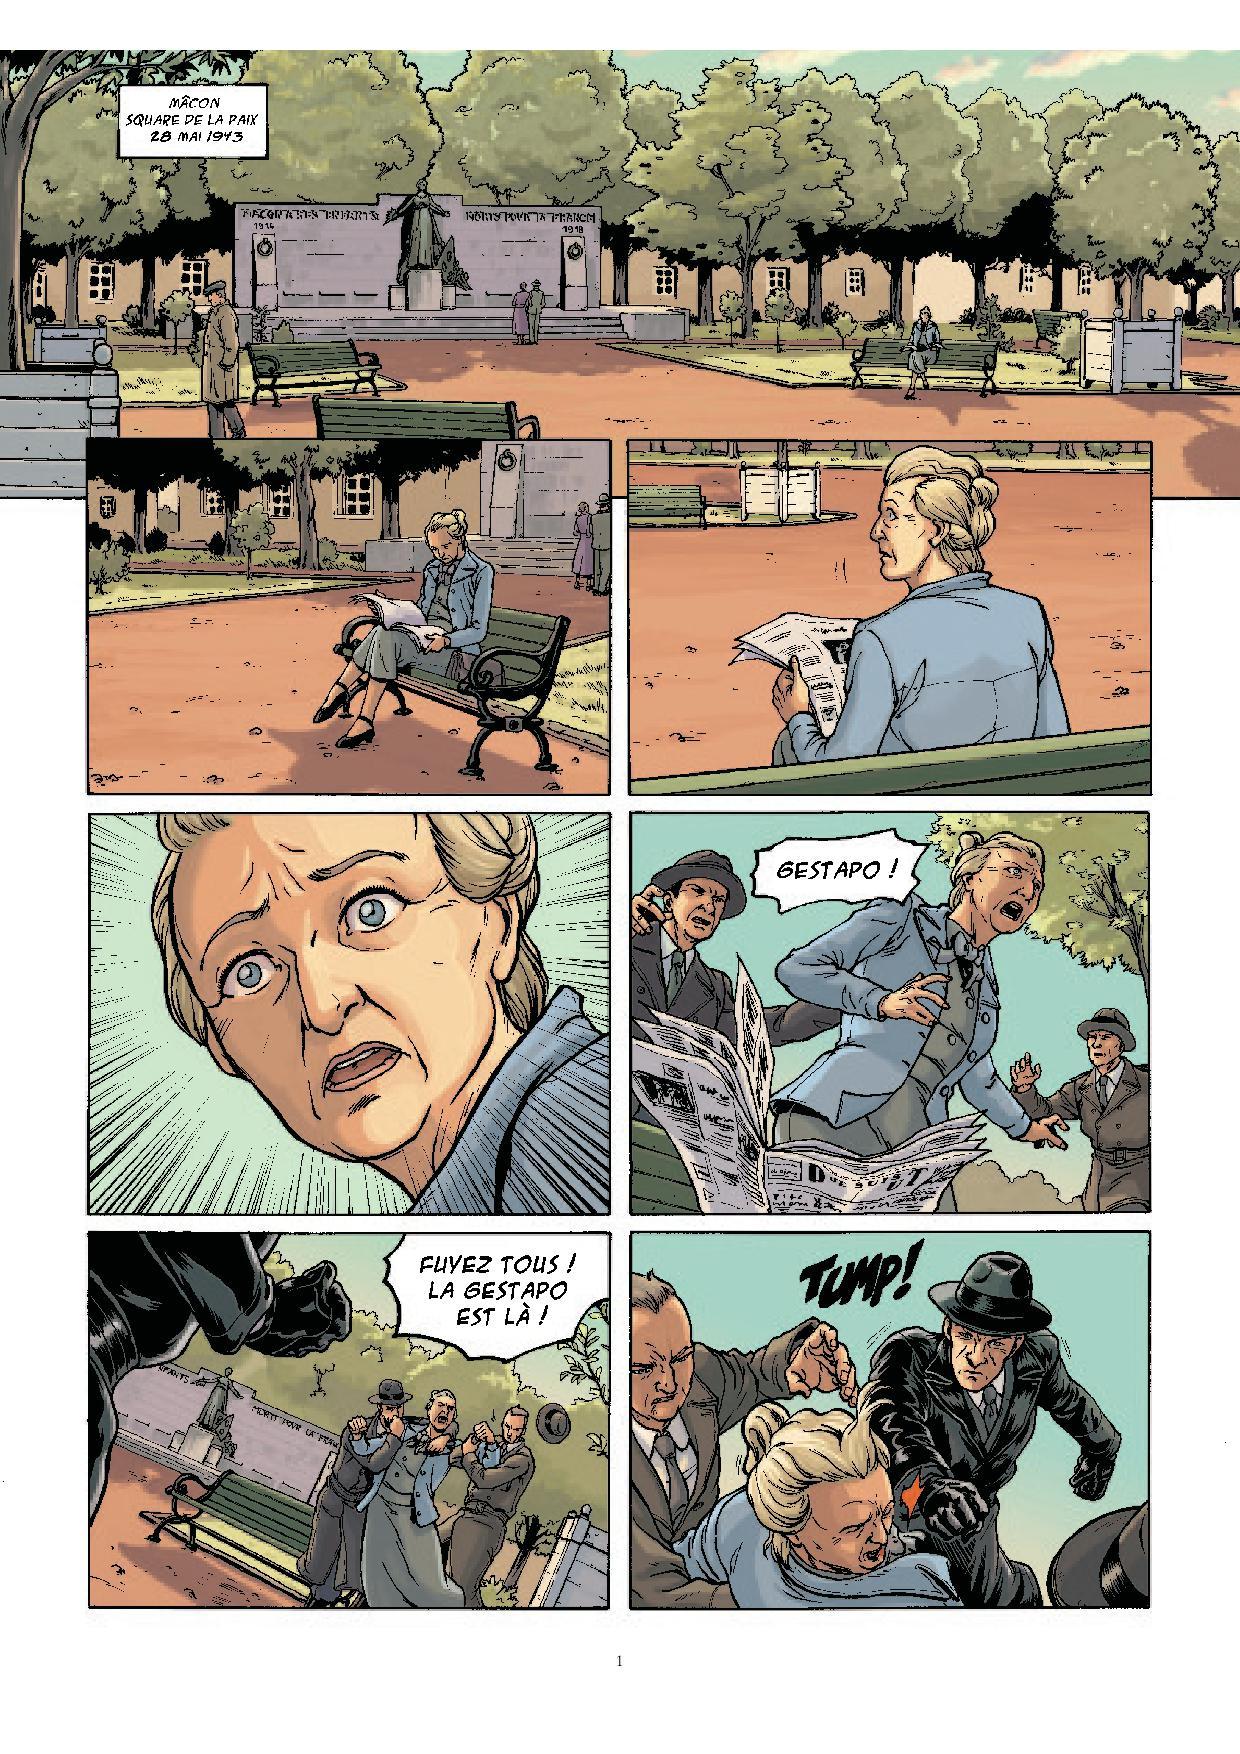 Femmes_en_resistance#3_Page 1